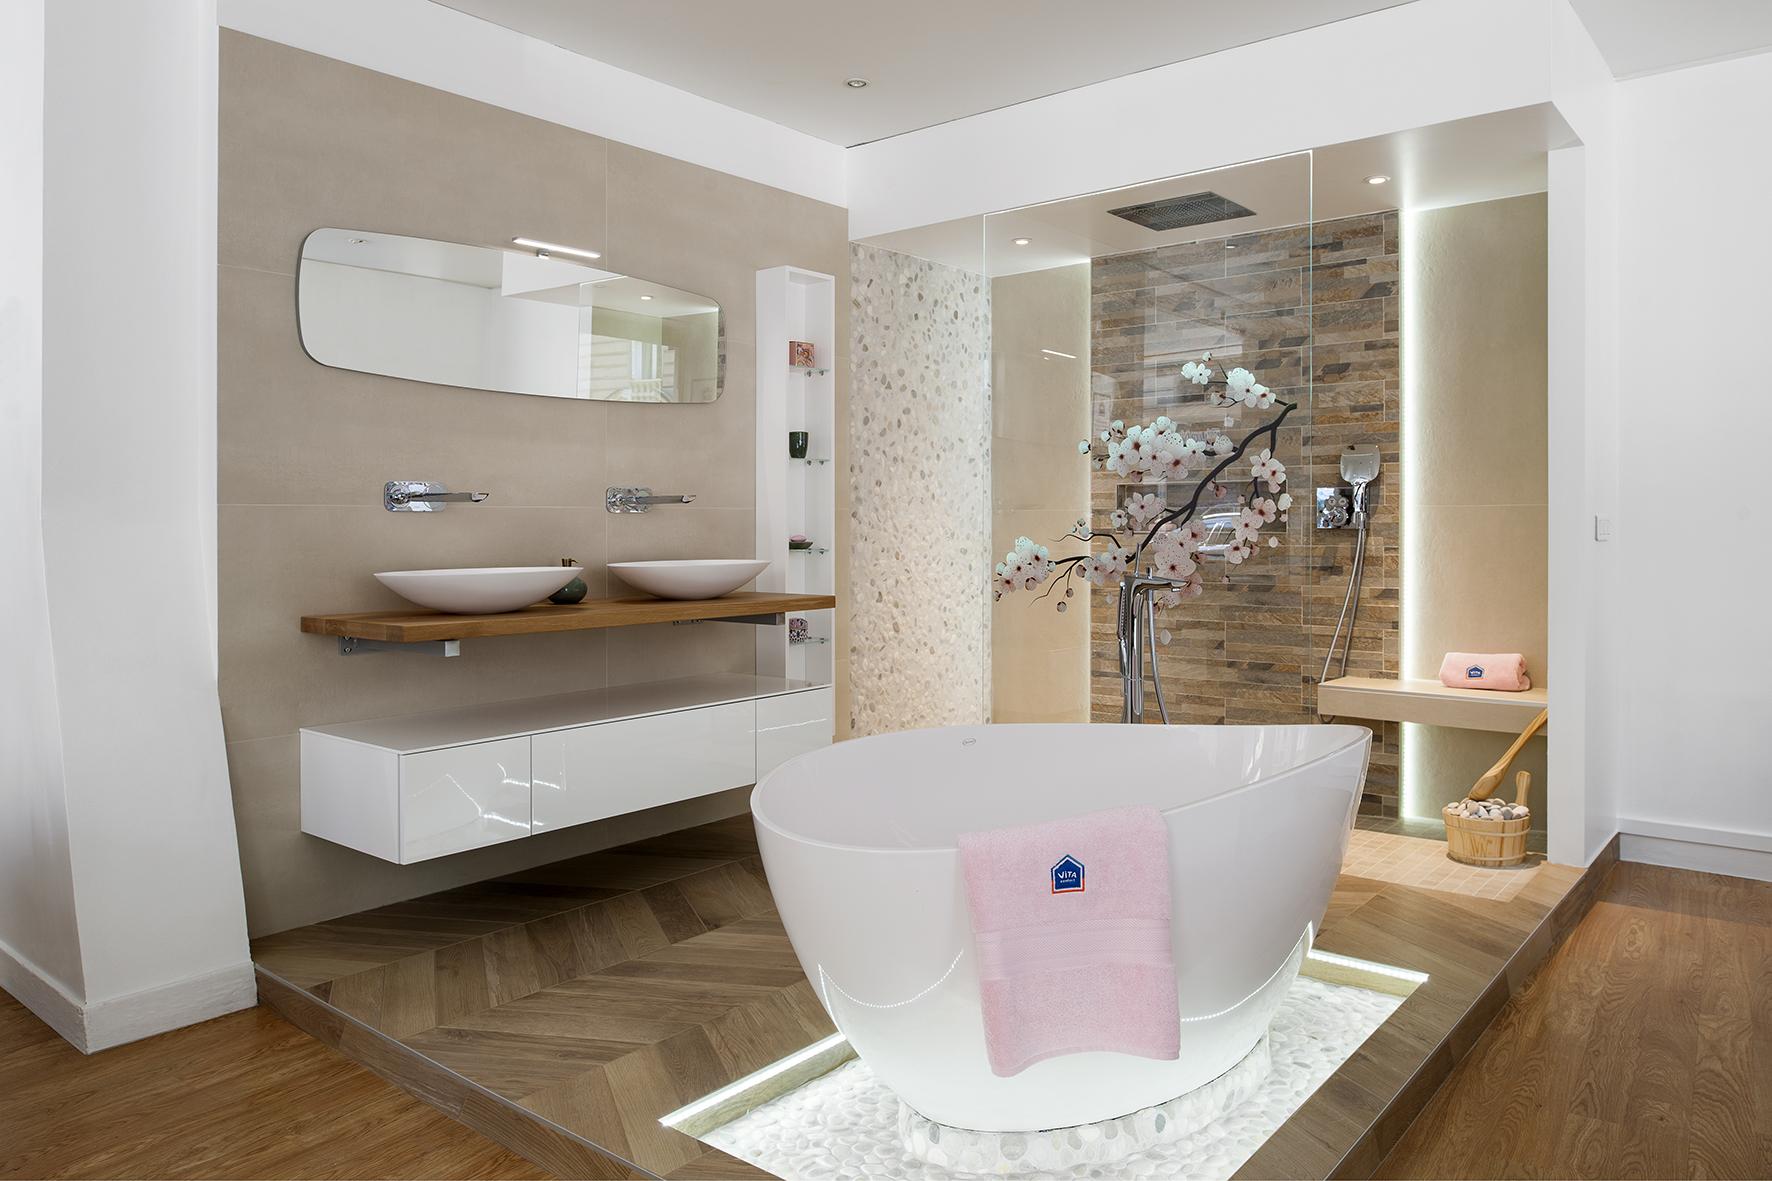 Vita Confort 25 Rue Lecourbe vita confort ouvre son deuxième showroom parisien